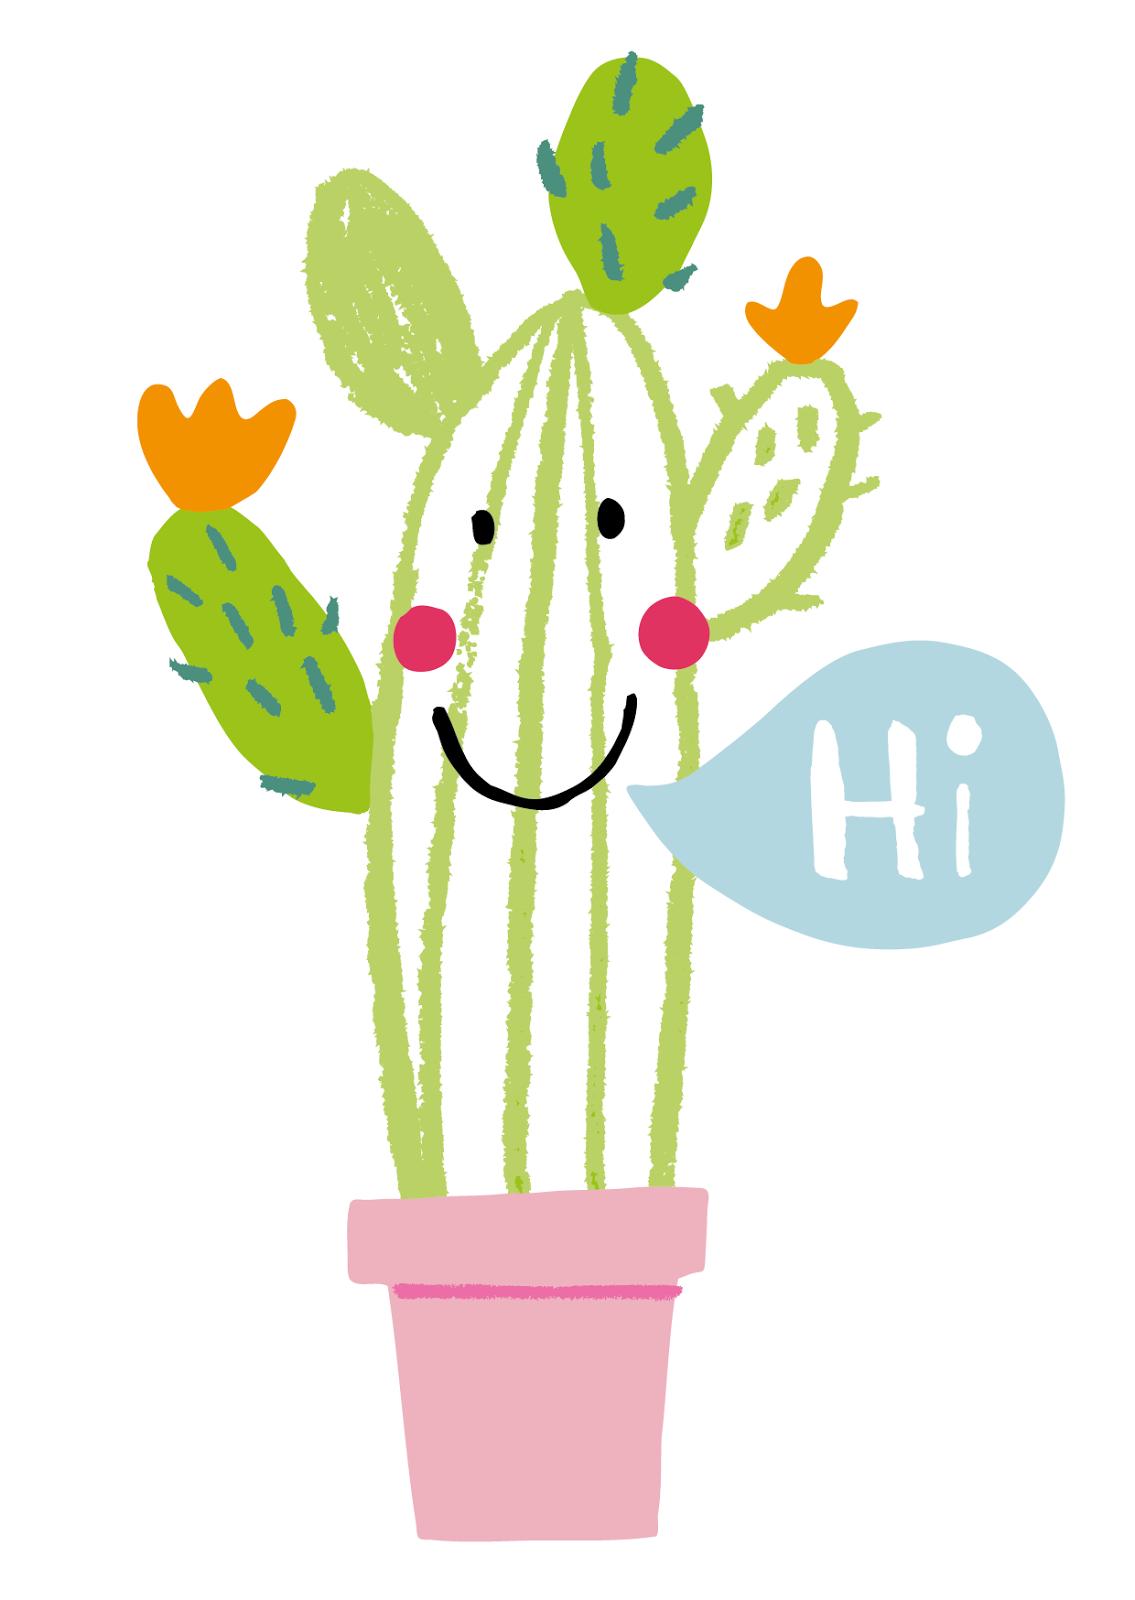 Drawn cactus overlays Fun plant Boretzki Illustration cactus